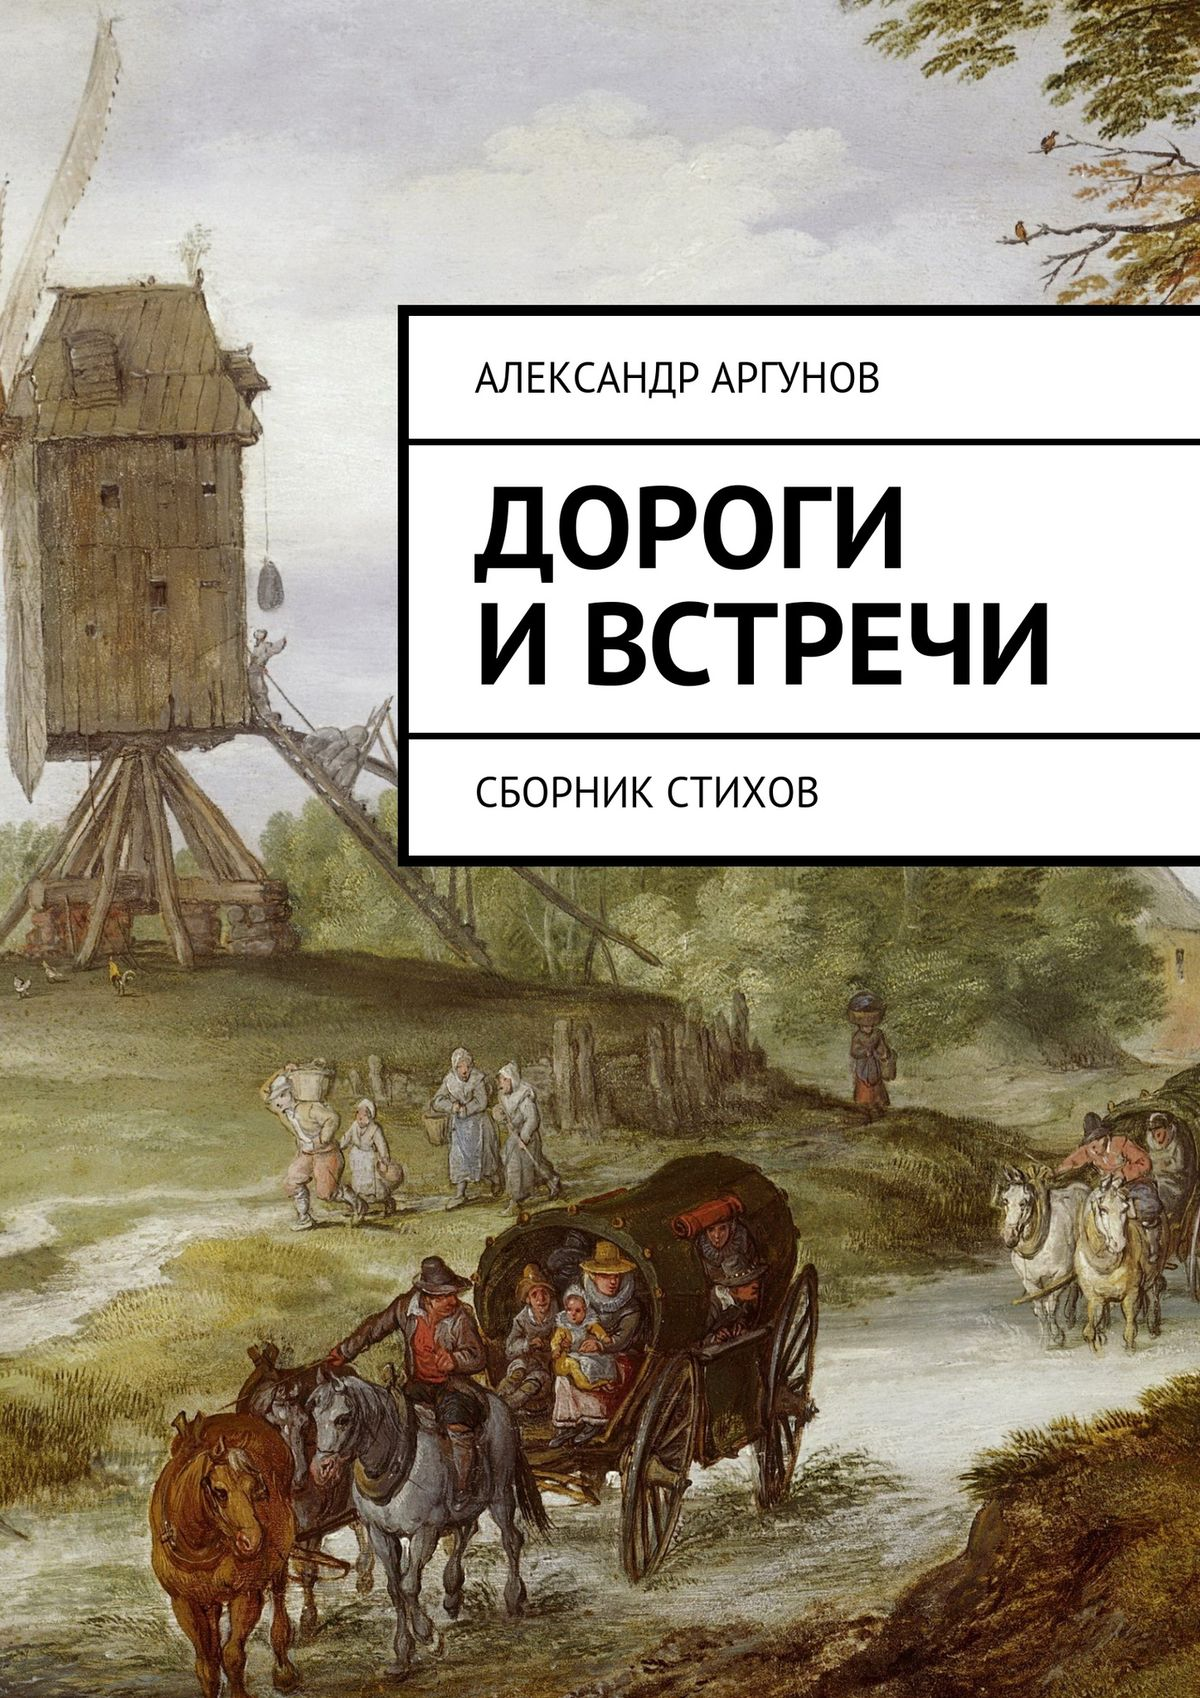 Александр Аргунов Дороги ивстречи. Сборник стихов цена 2017